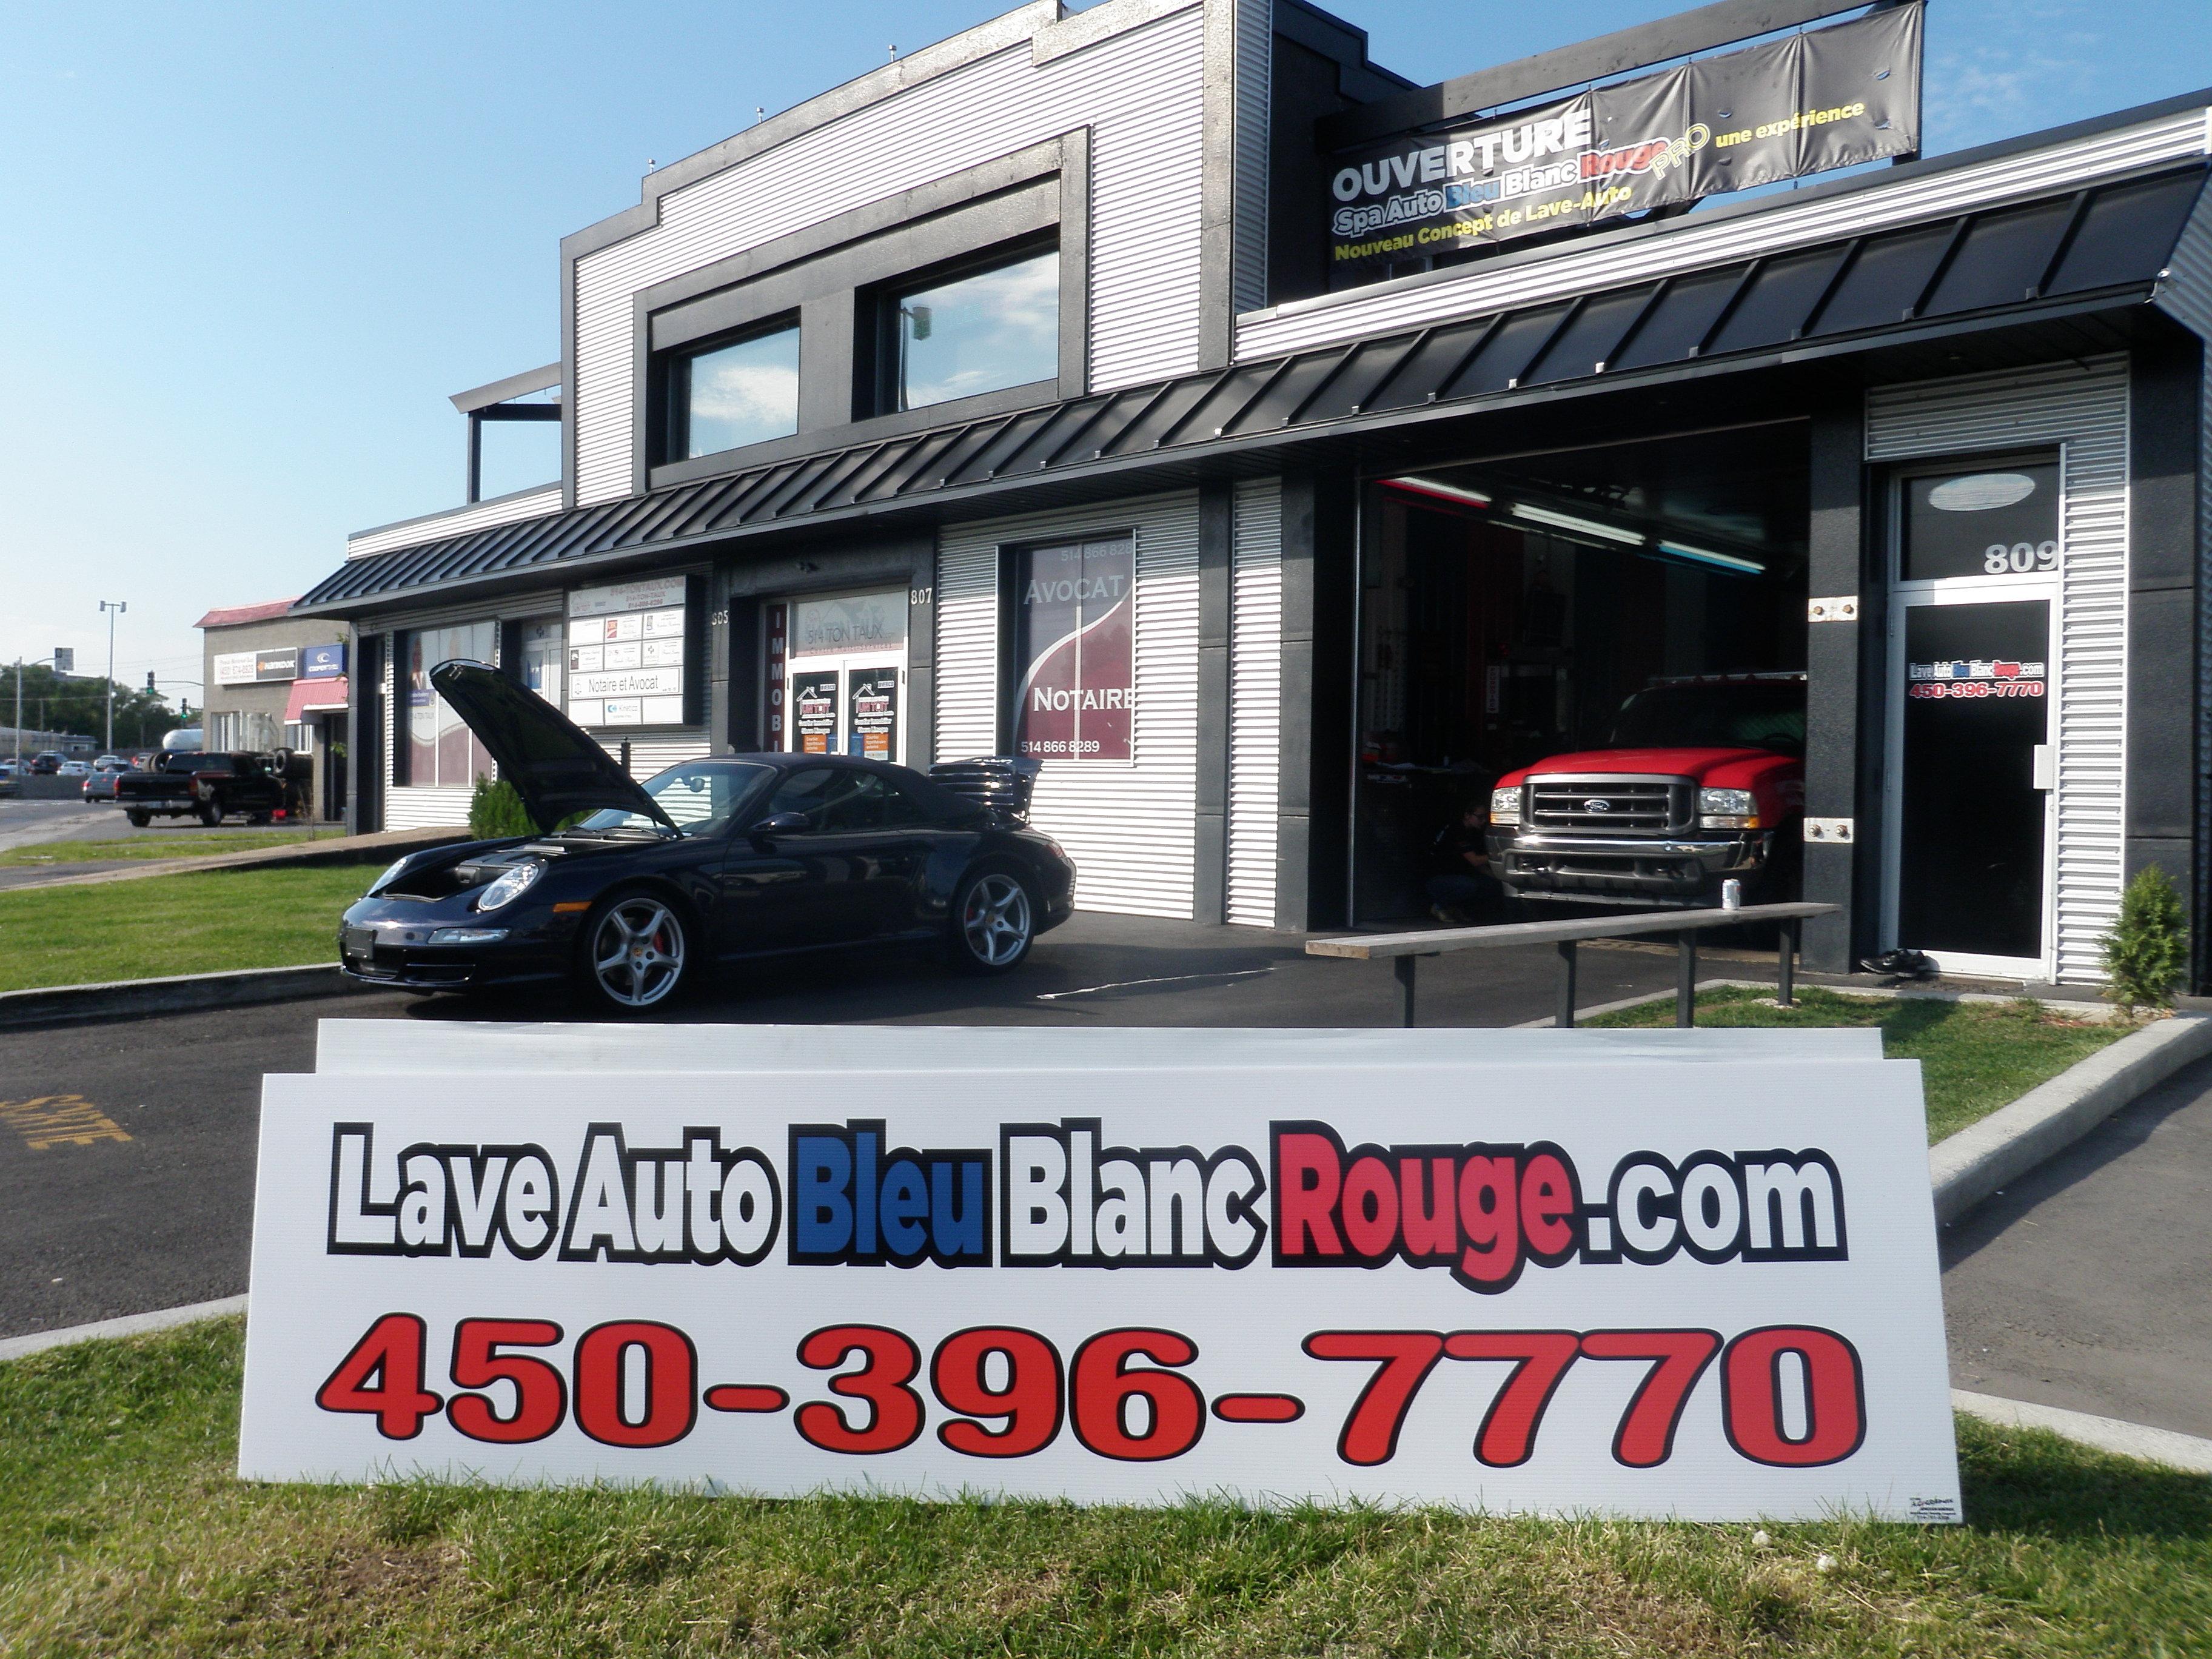 lave auto longueuil bleu blanc rouge lave auto longueuil. Black Bedroom Furniture Sets. Home Design Ideas